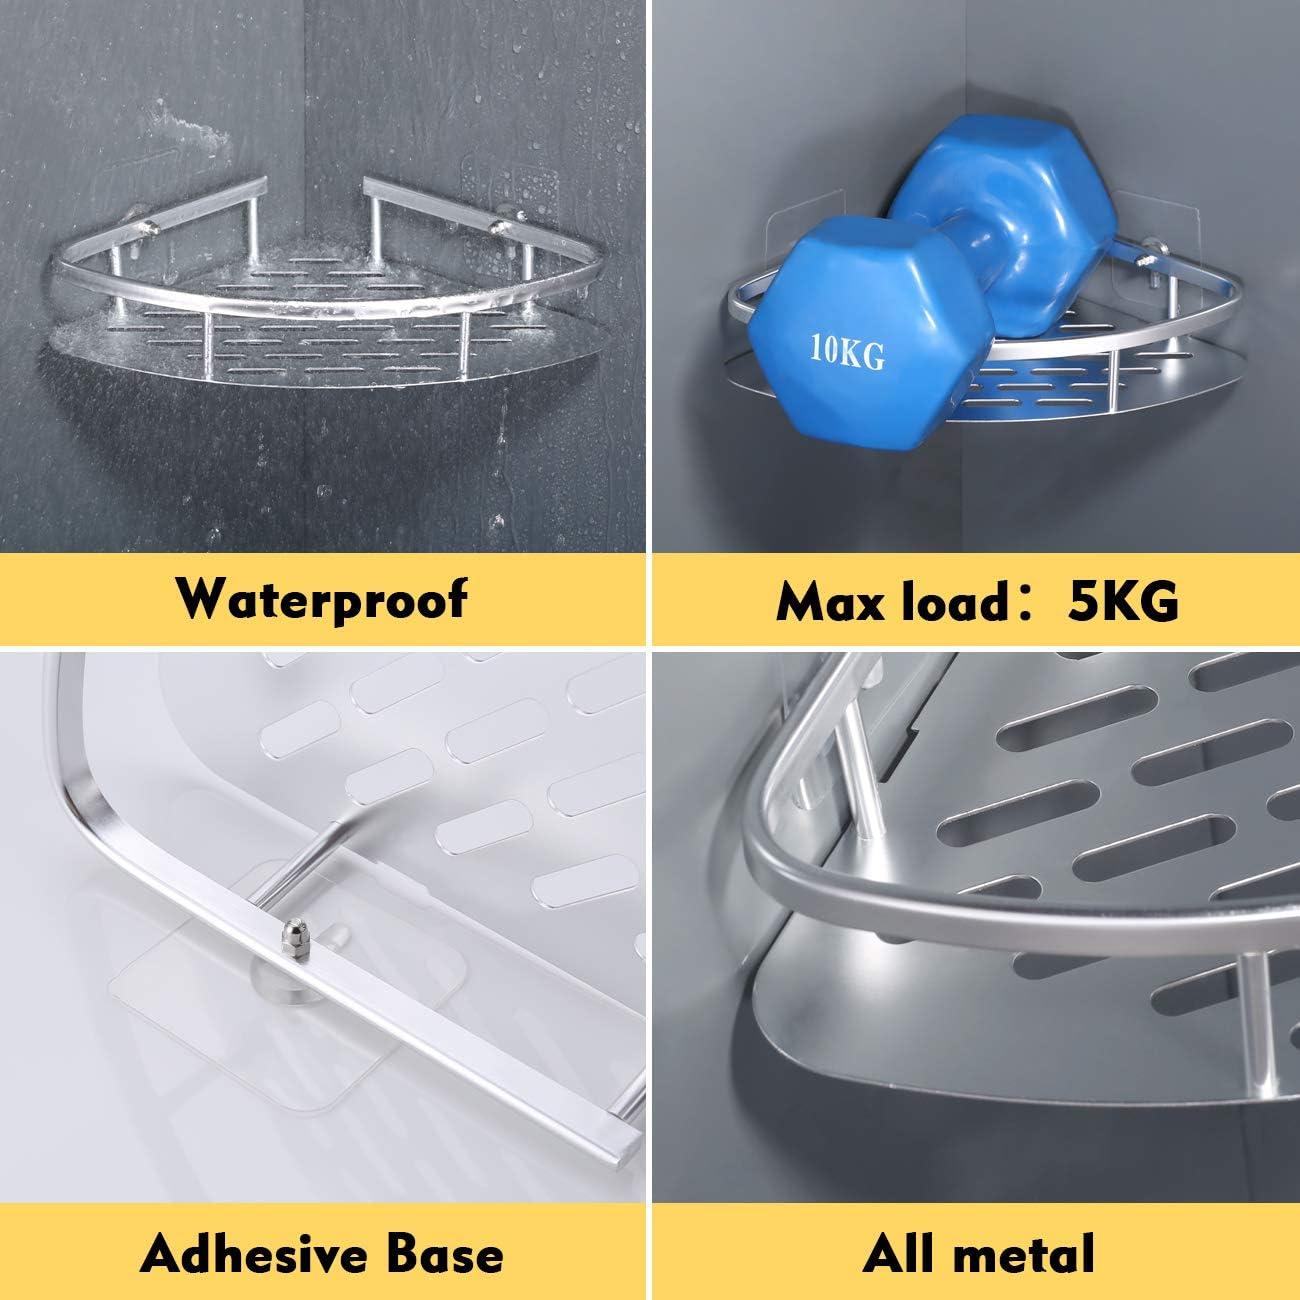 KES 1-Tier Badezimmer Regal Kein Bohr Rechteck Dusche Caddy Organisator Aluminium Ohne Bohren Schraube Freie WandHalterung Eloxiert A4022ADF